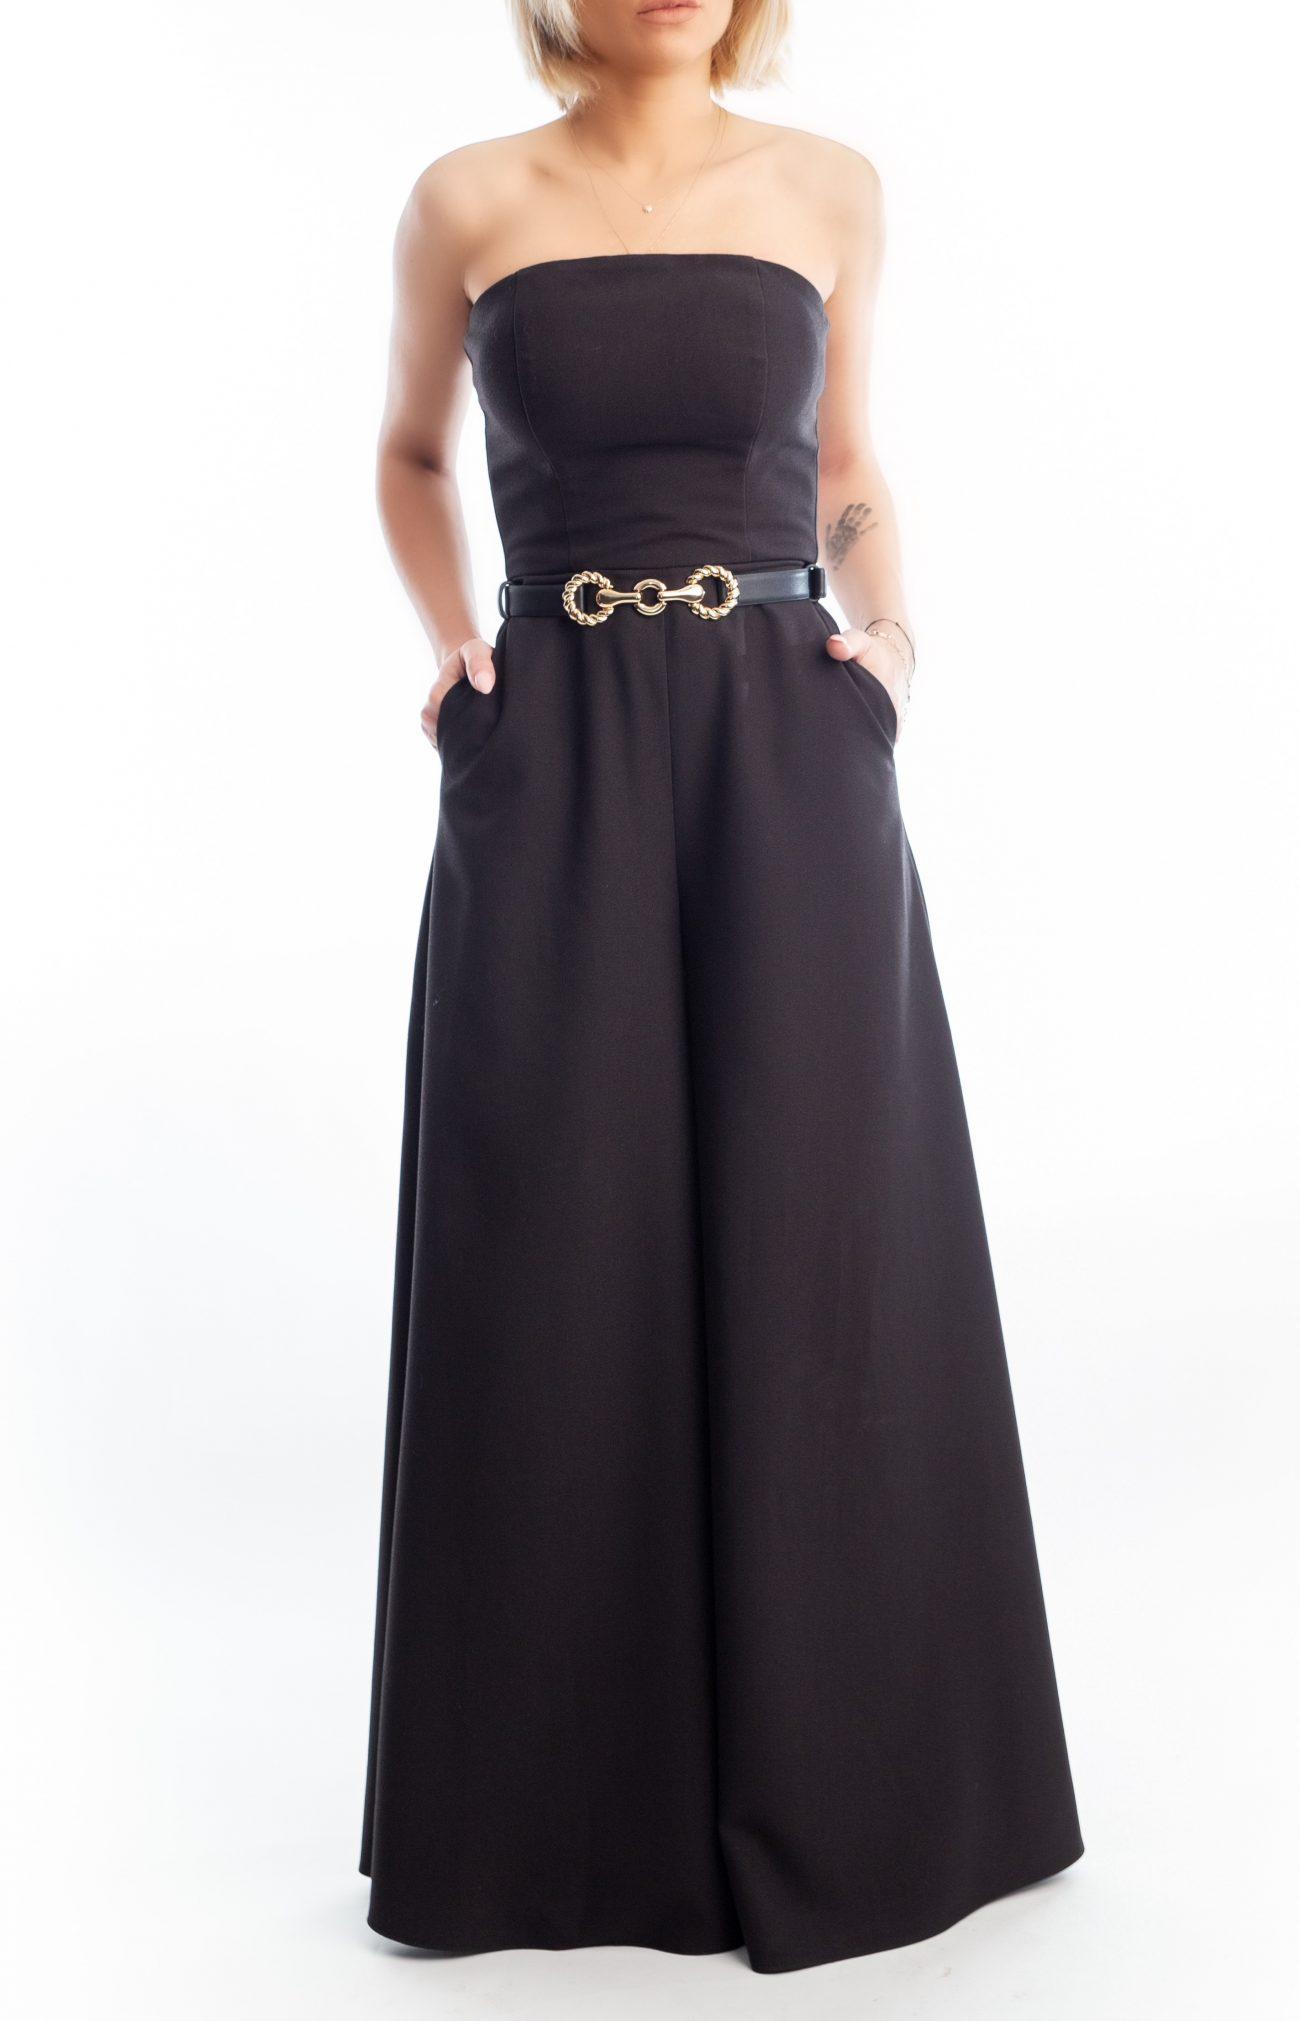 Salopeta Iris - Salopeta pe structura de corset cu buzunare | Essalian.com - Email: office@essalian.com | 0744957107 | Bucuresti